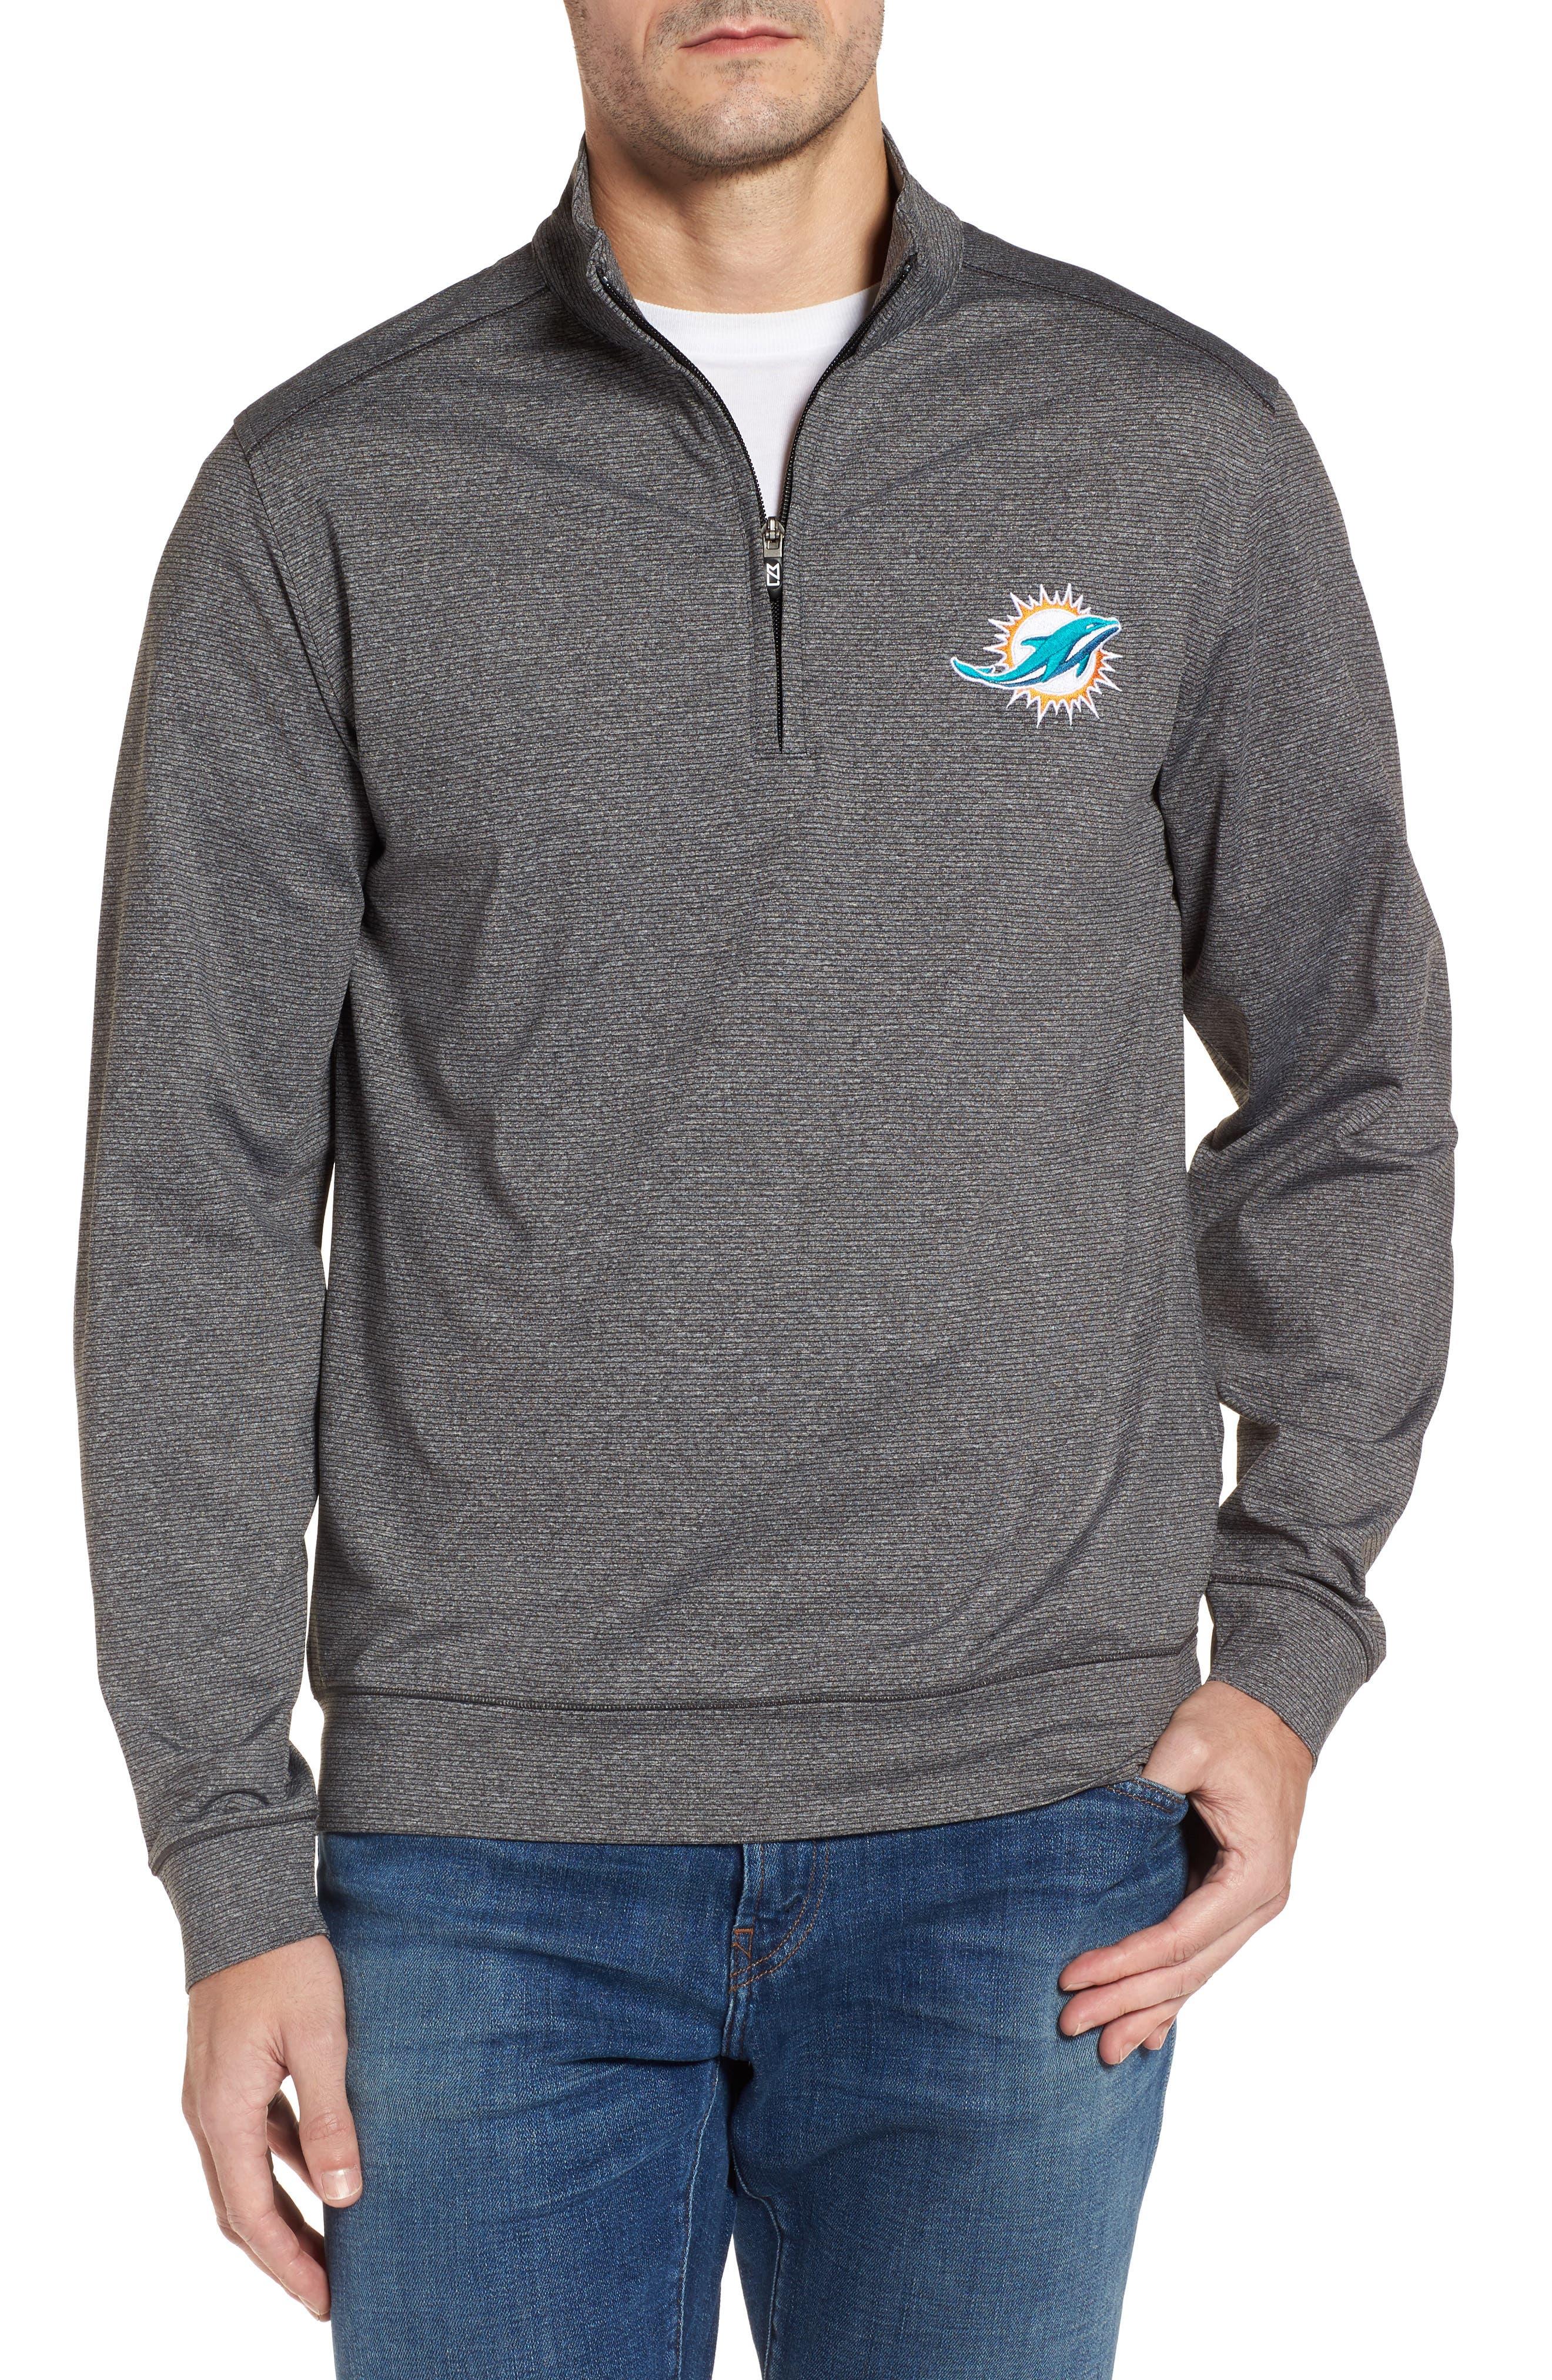 Shoreline - Miami Dolphins Half Zip Pullover,                         Main,                         color,